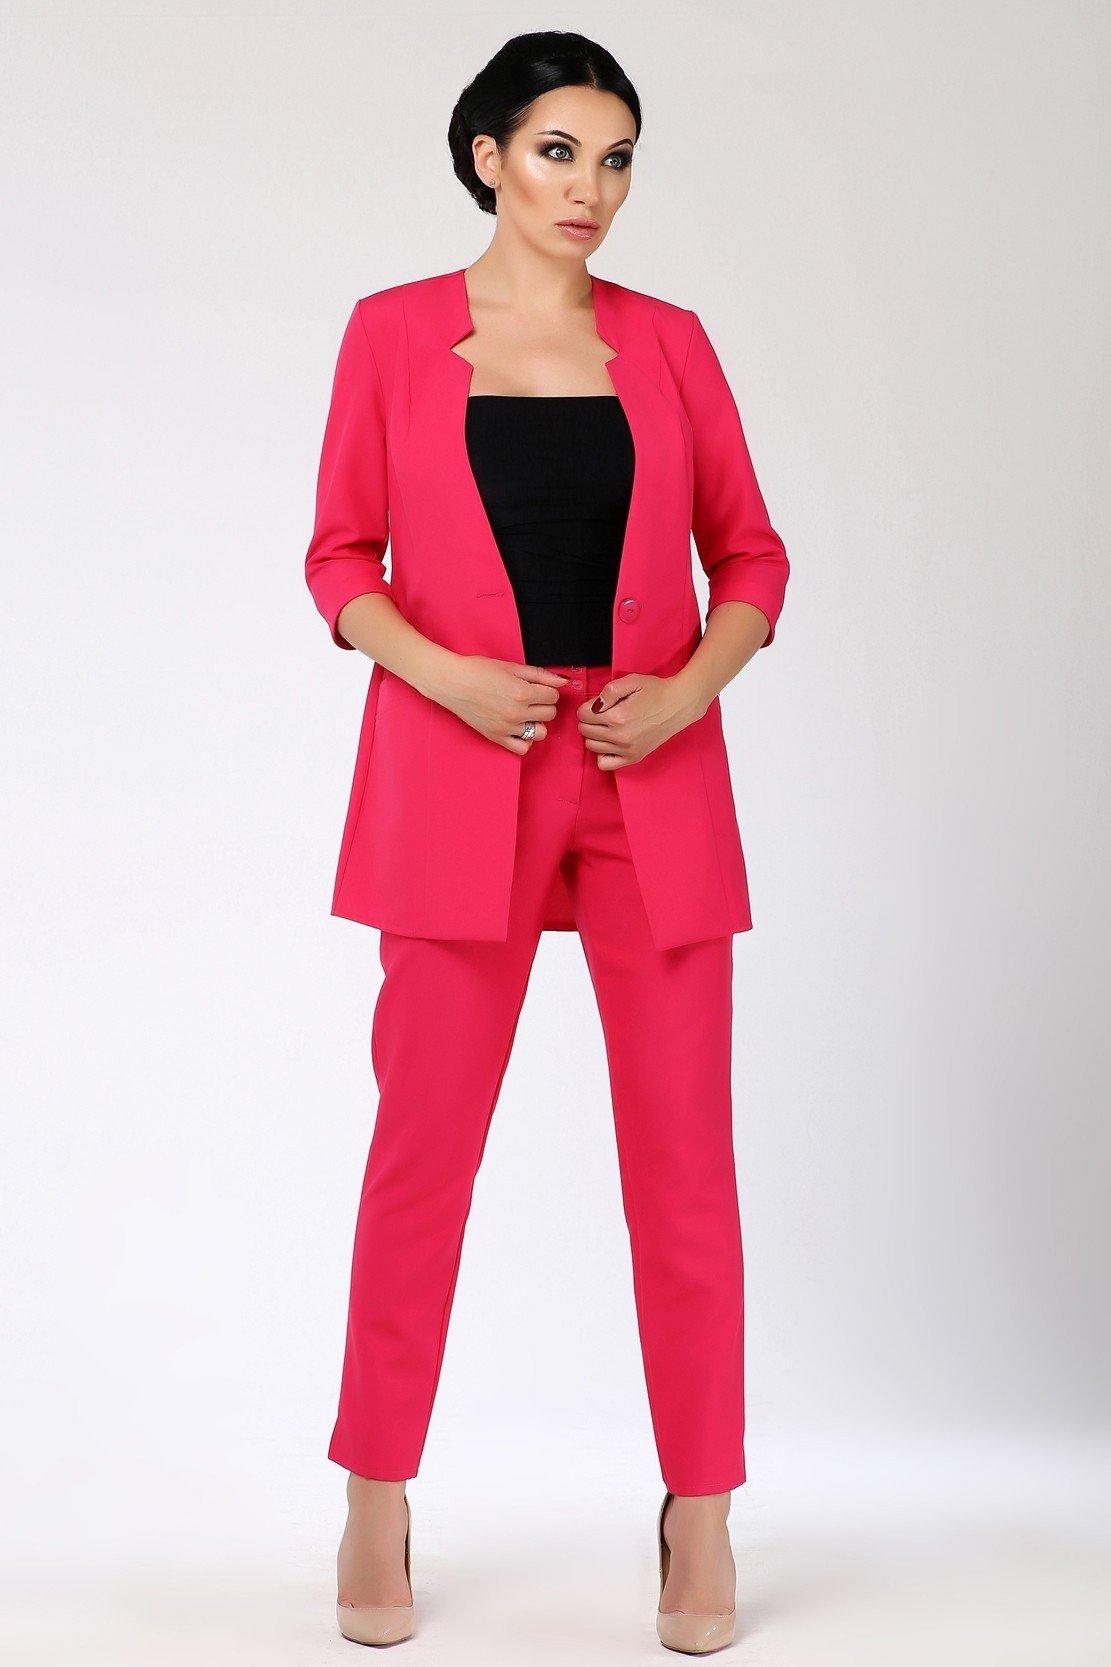 модные яркие костюмы женский розовый